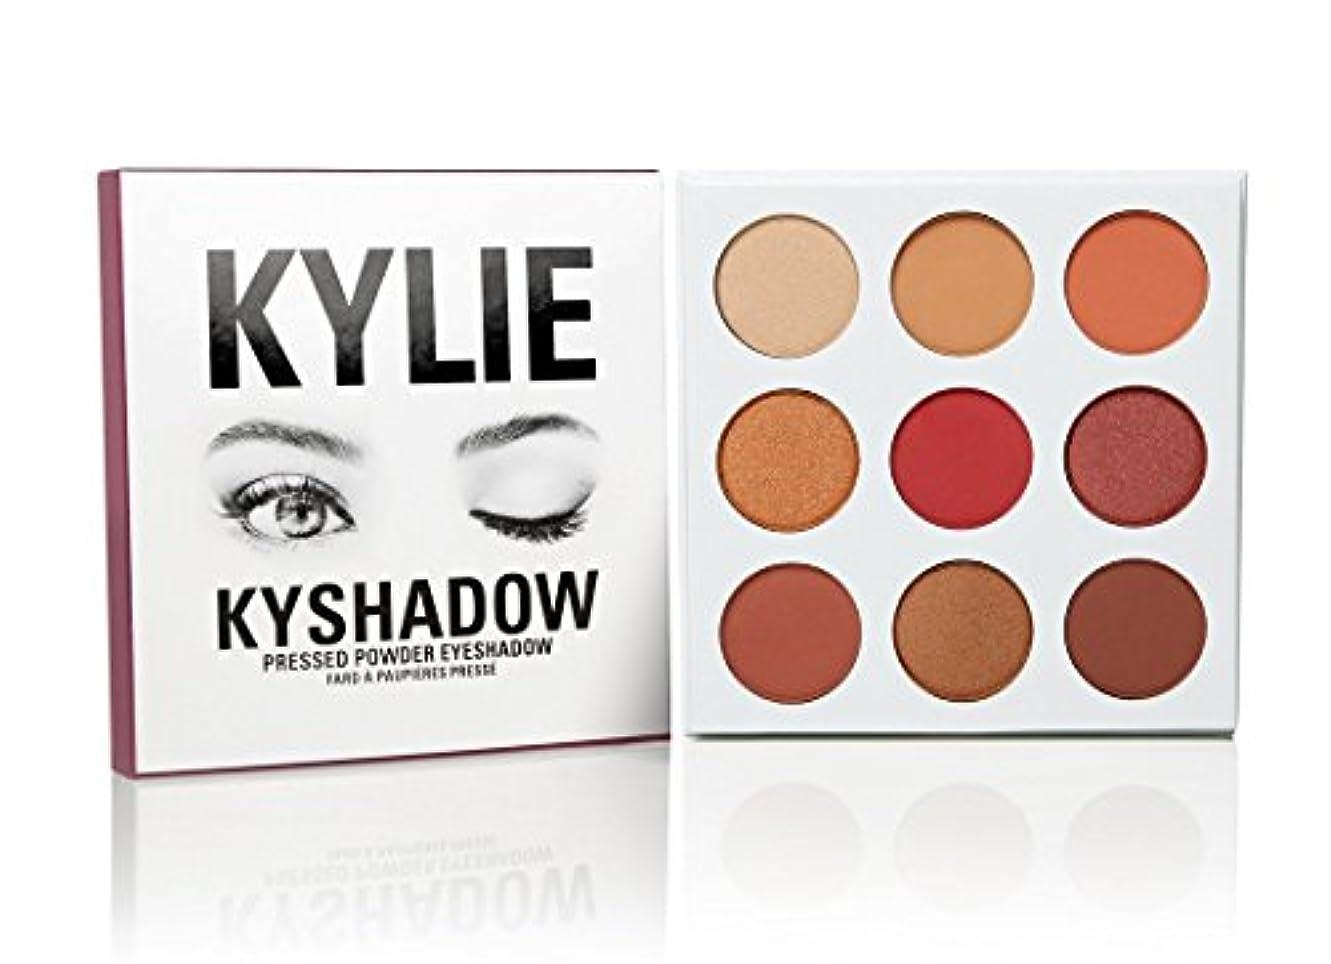 熱帯のホバー原告Kylie Cosmetics(カイリーコスメティック)The Burgundy Palette KYSHADOW 新作 9色アイシャドウパレット